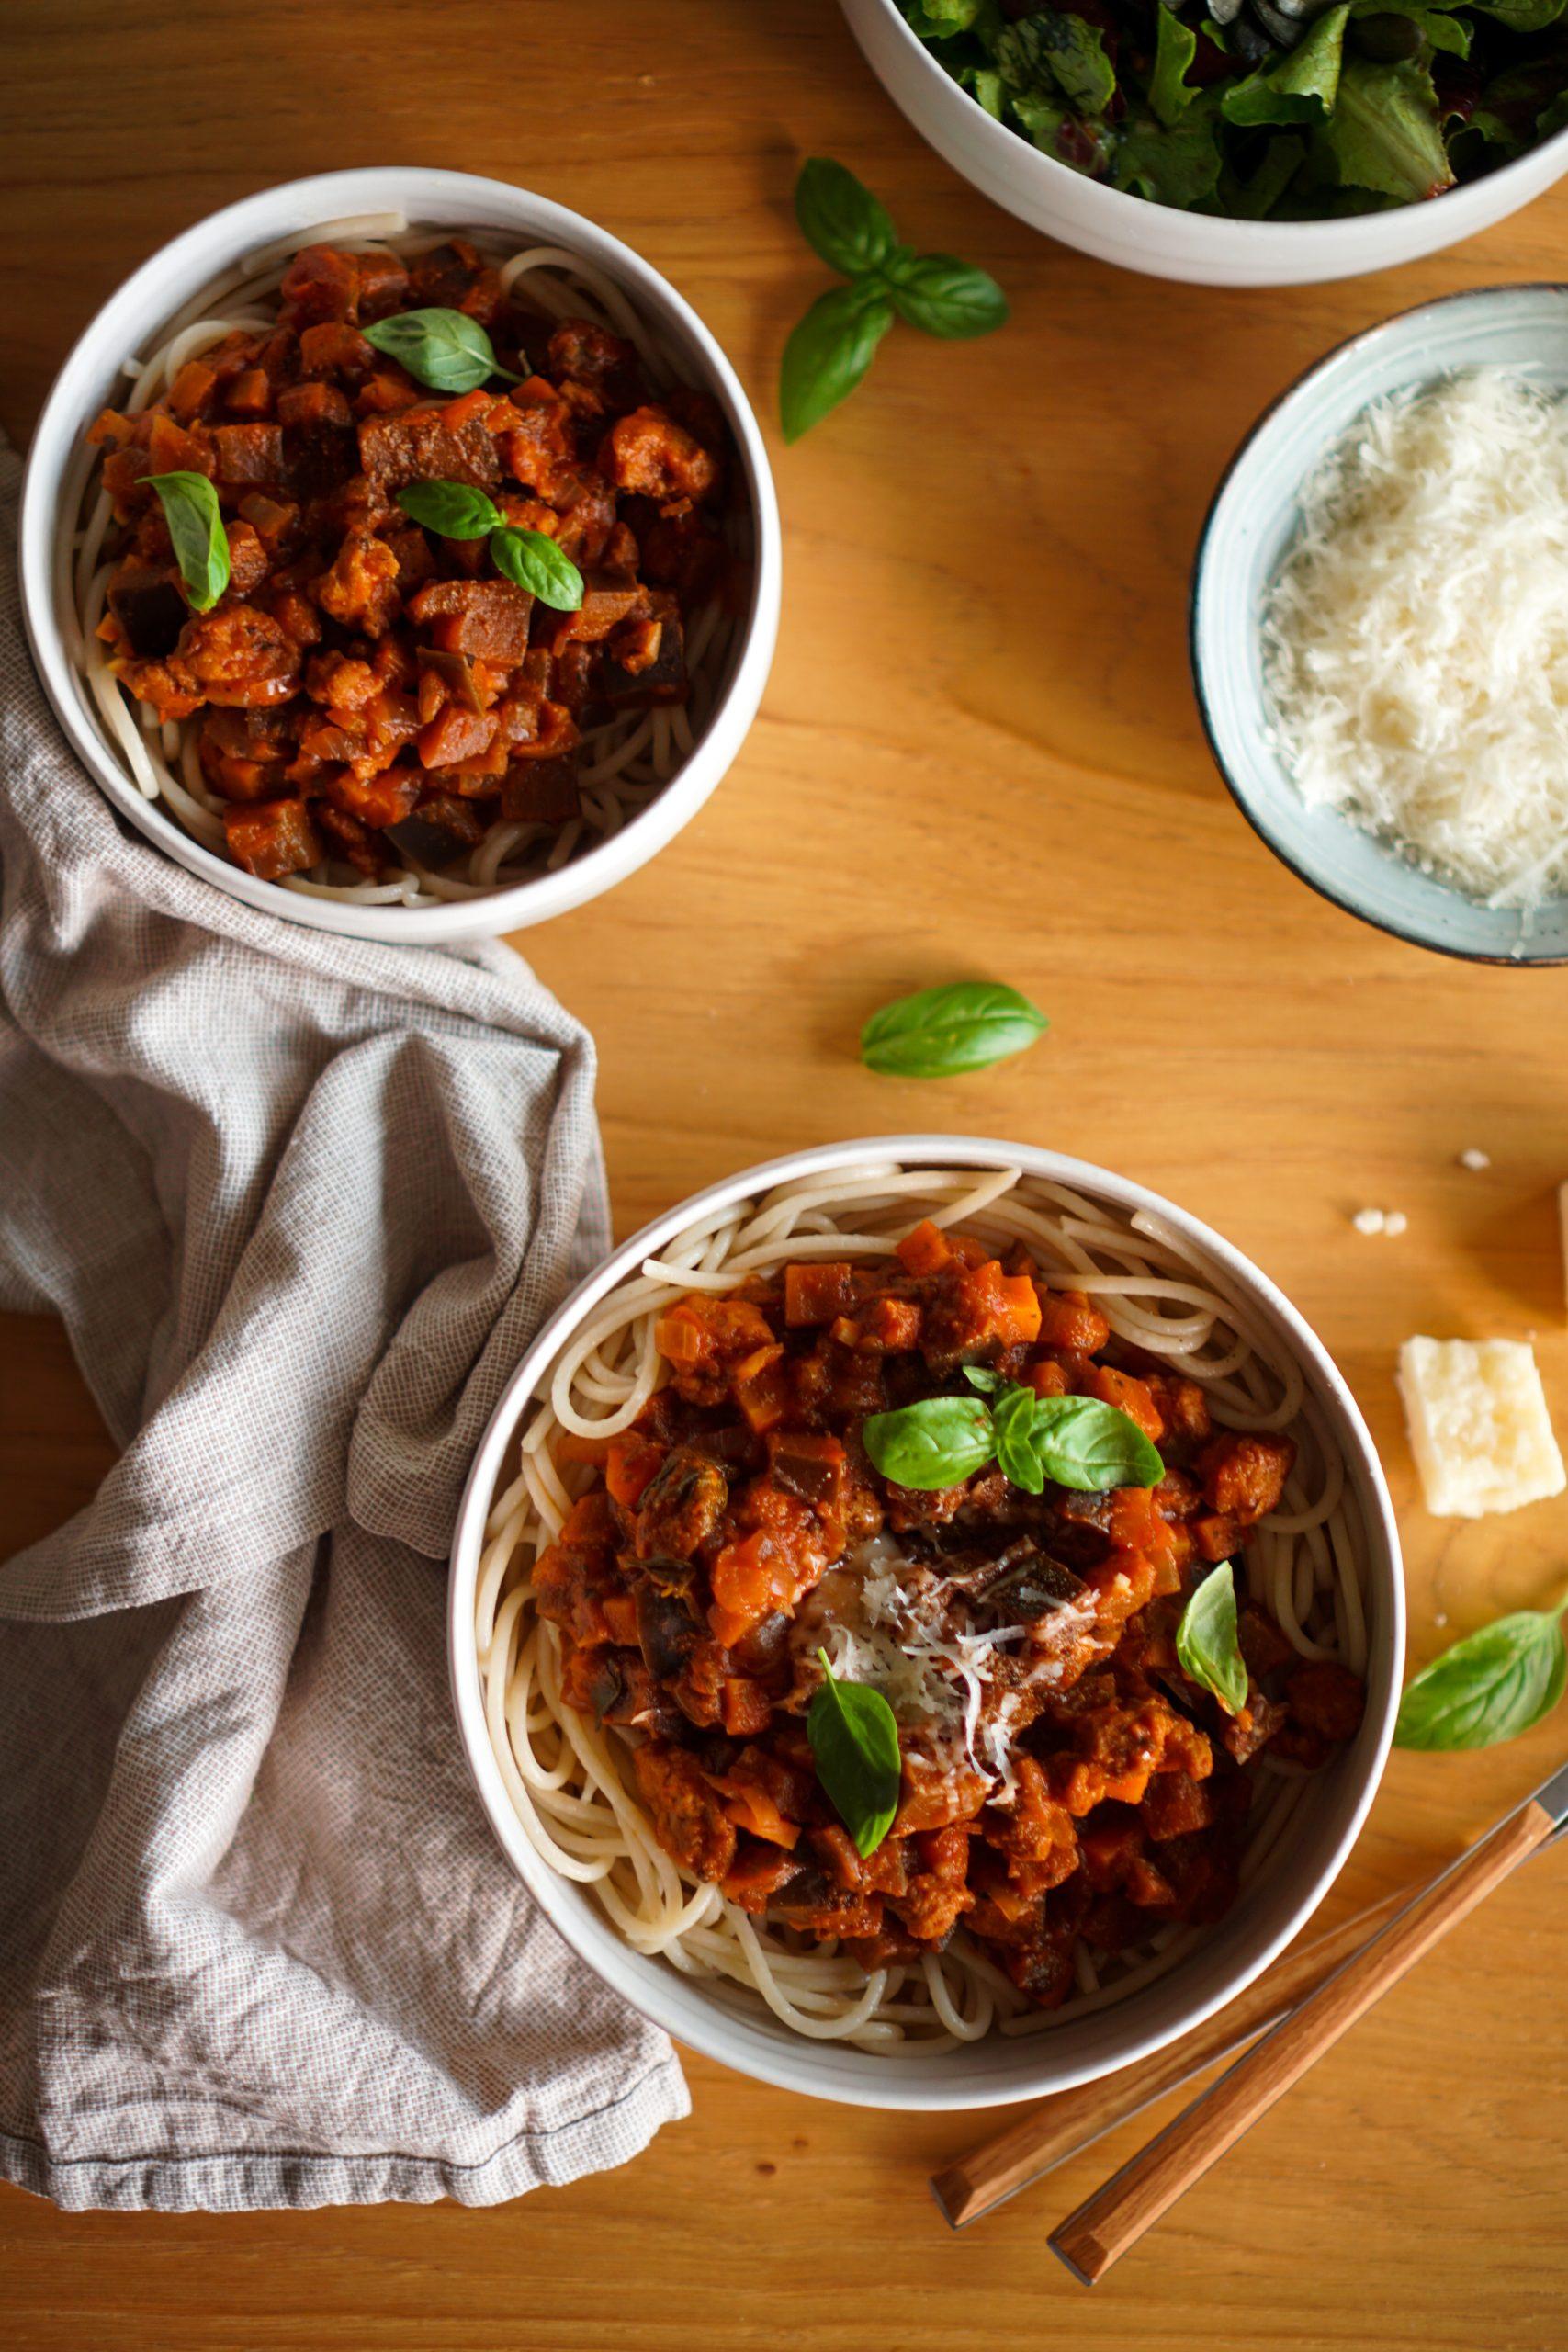 Spaghetti bolognaise vegan recette healthy facile et rapide